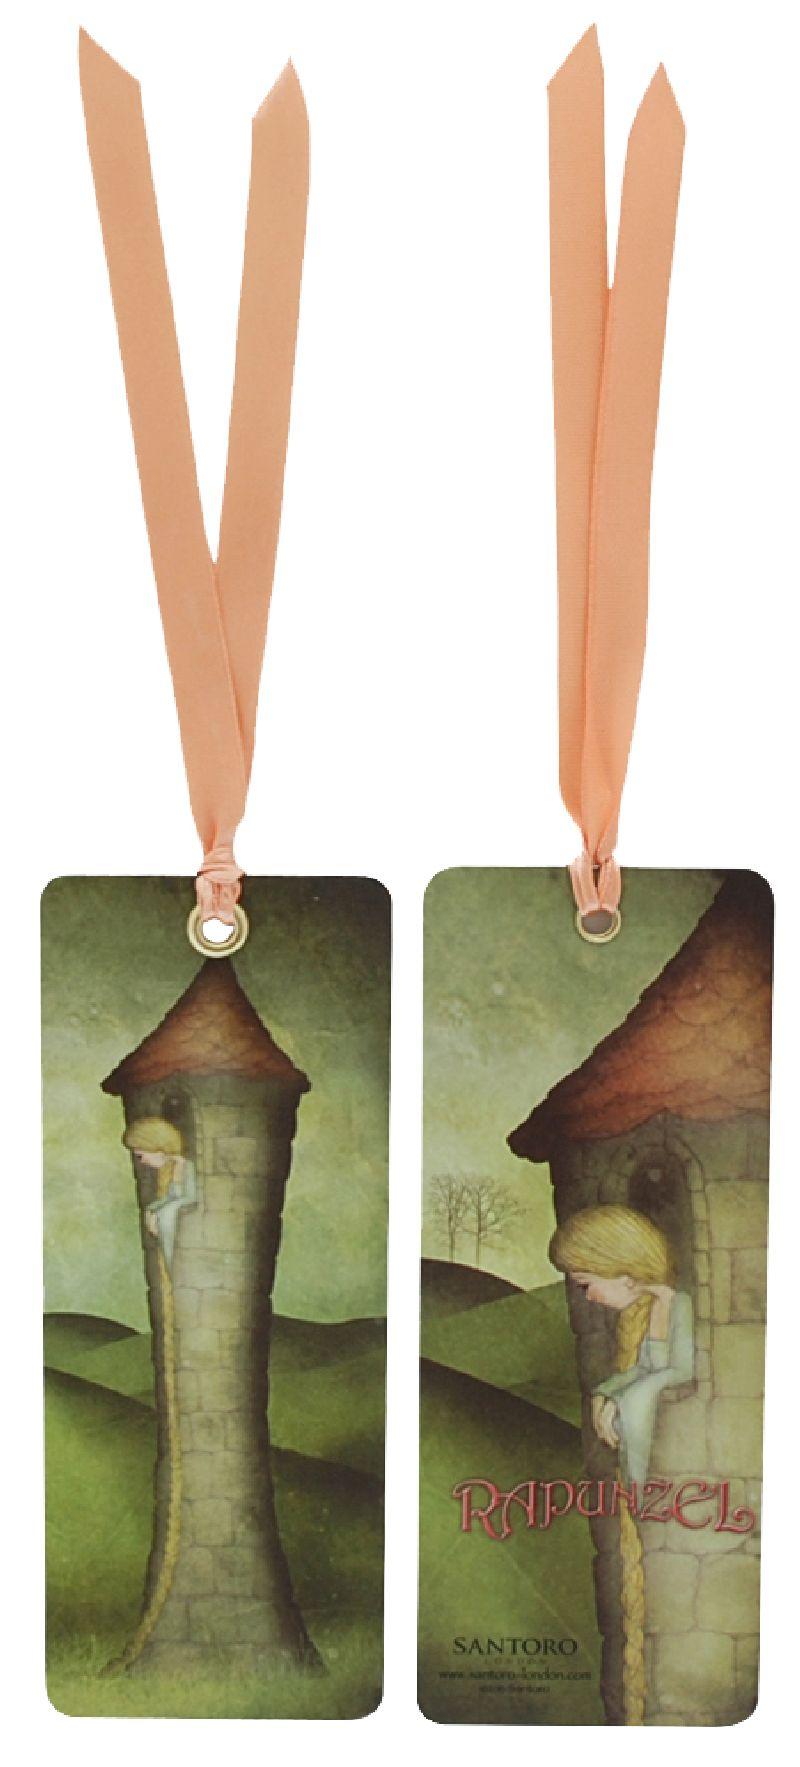 Semn de carte Rapunzel